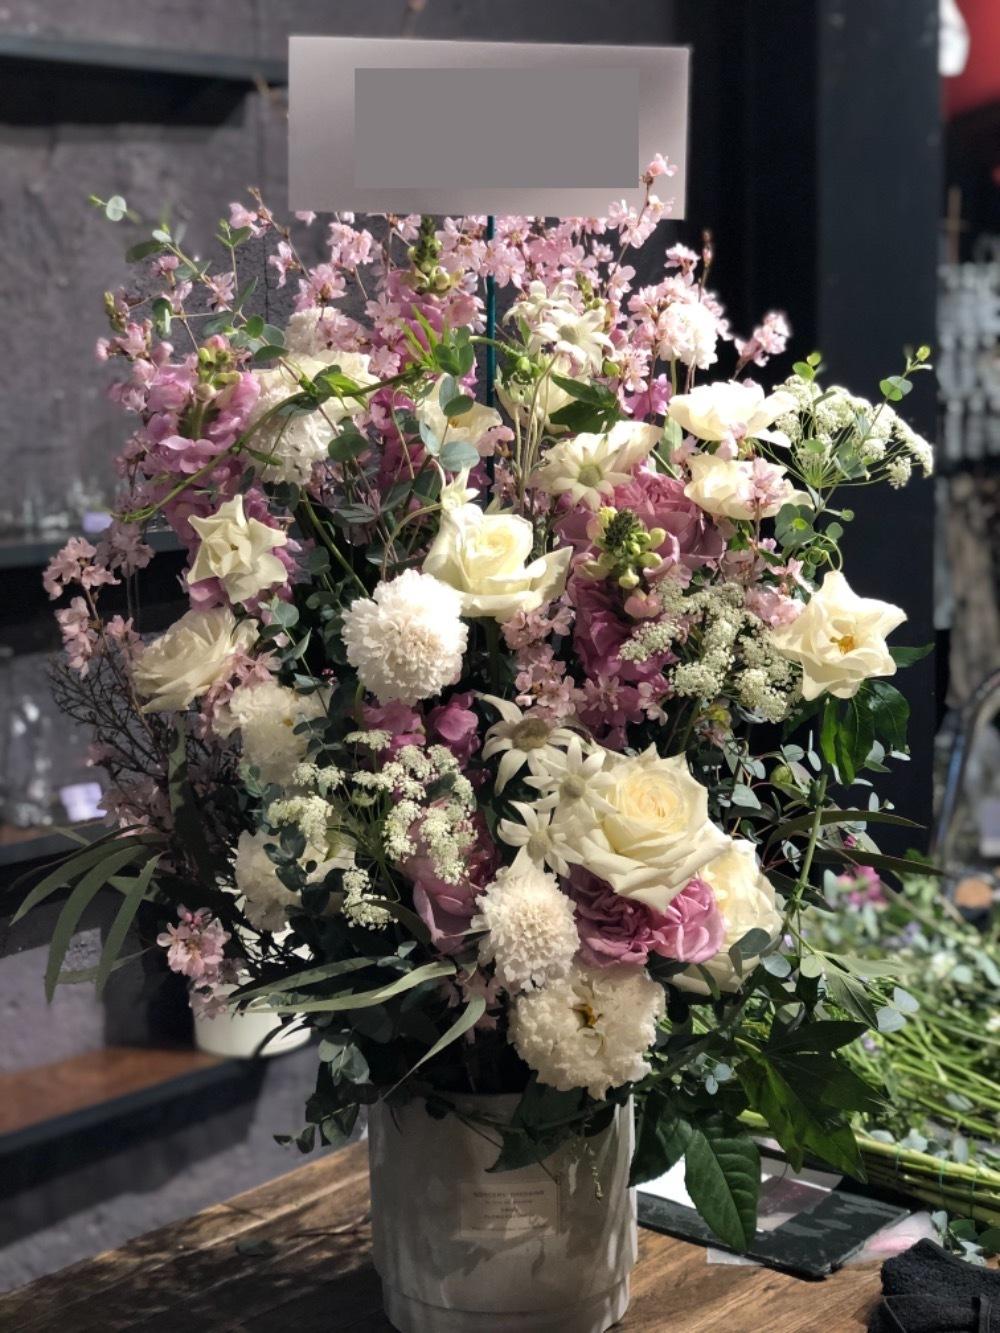 春を感じさせる桜と上品な白バラが印象的なご移転祝い花